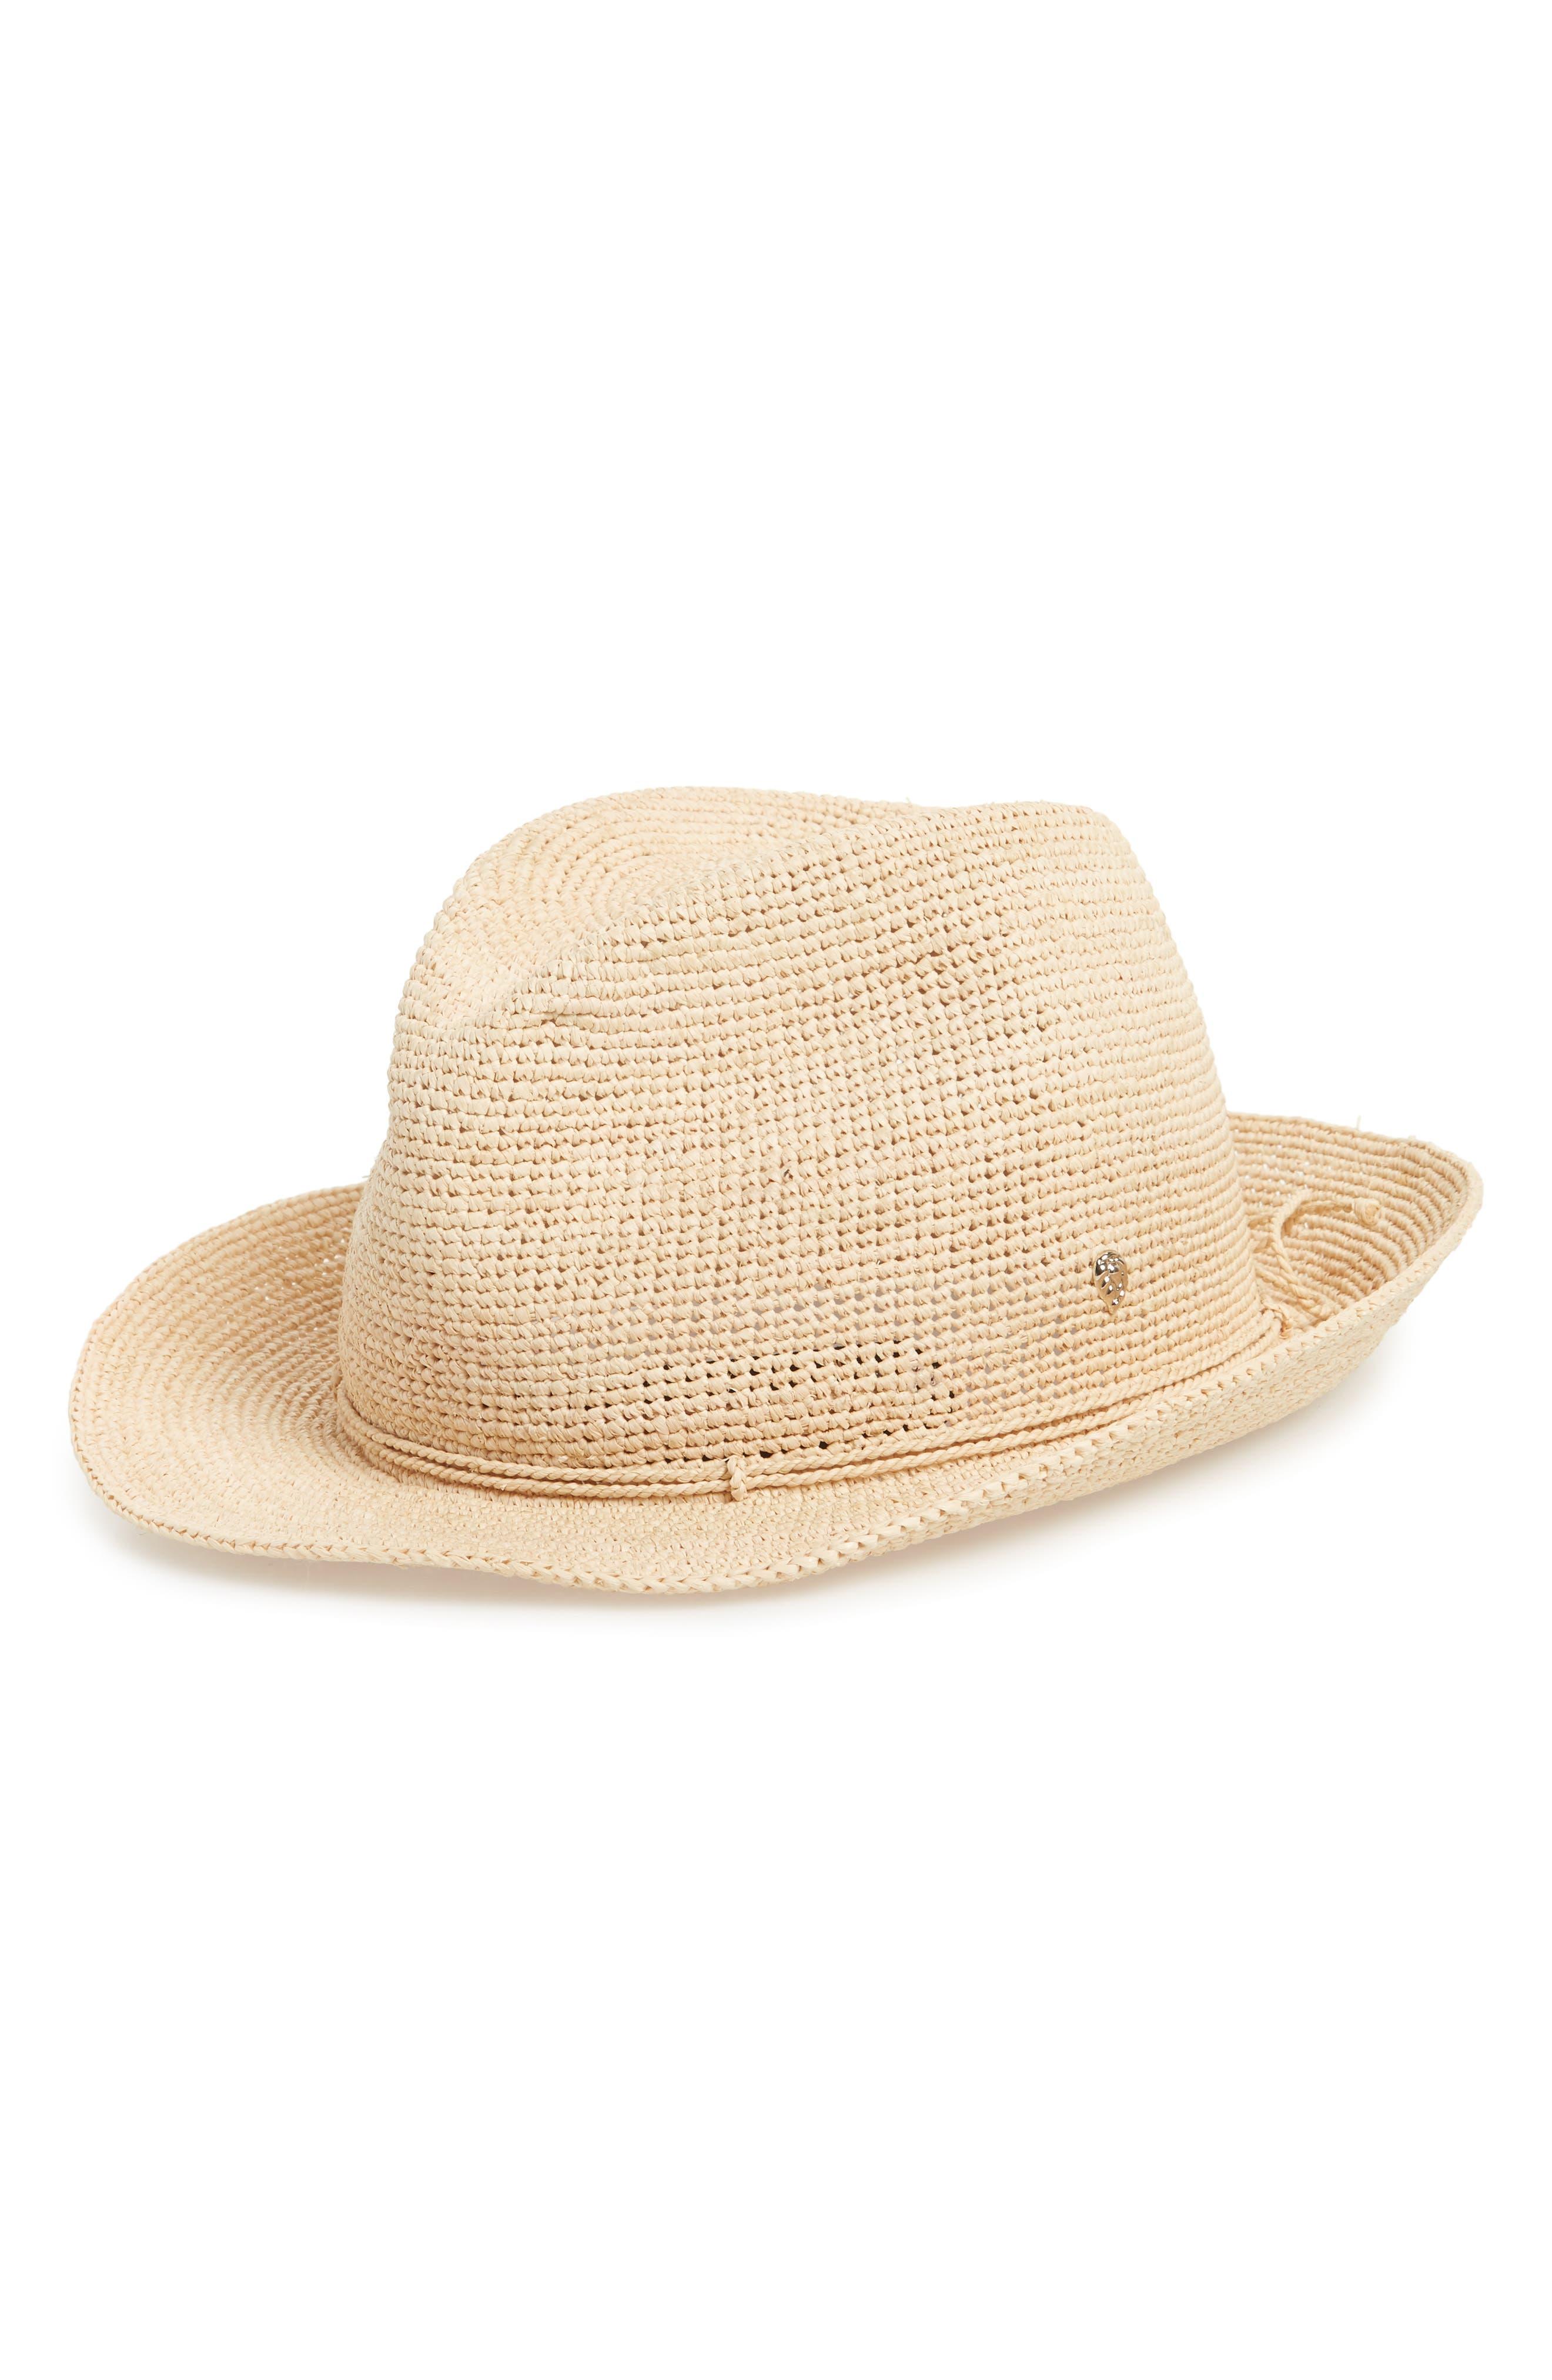 Raffia Crochet Packable Sun Hat,                             Main thumbnail 1, color,                             NATURAL